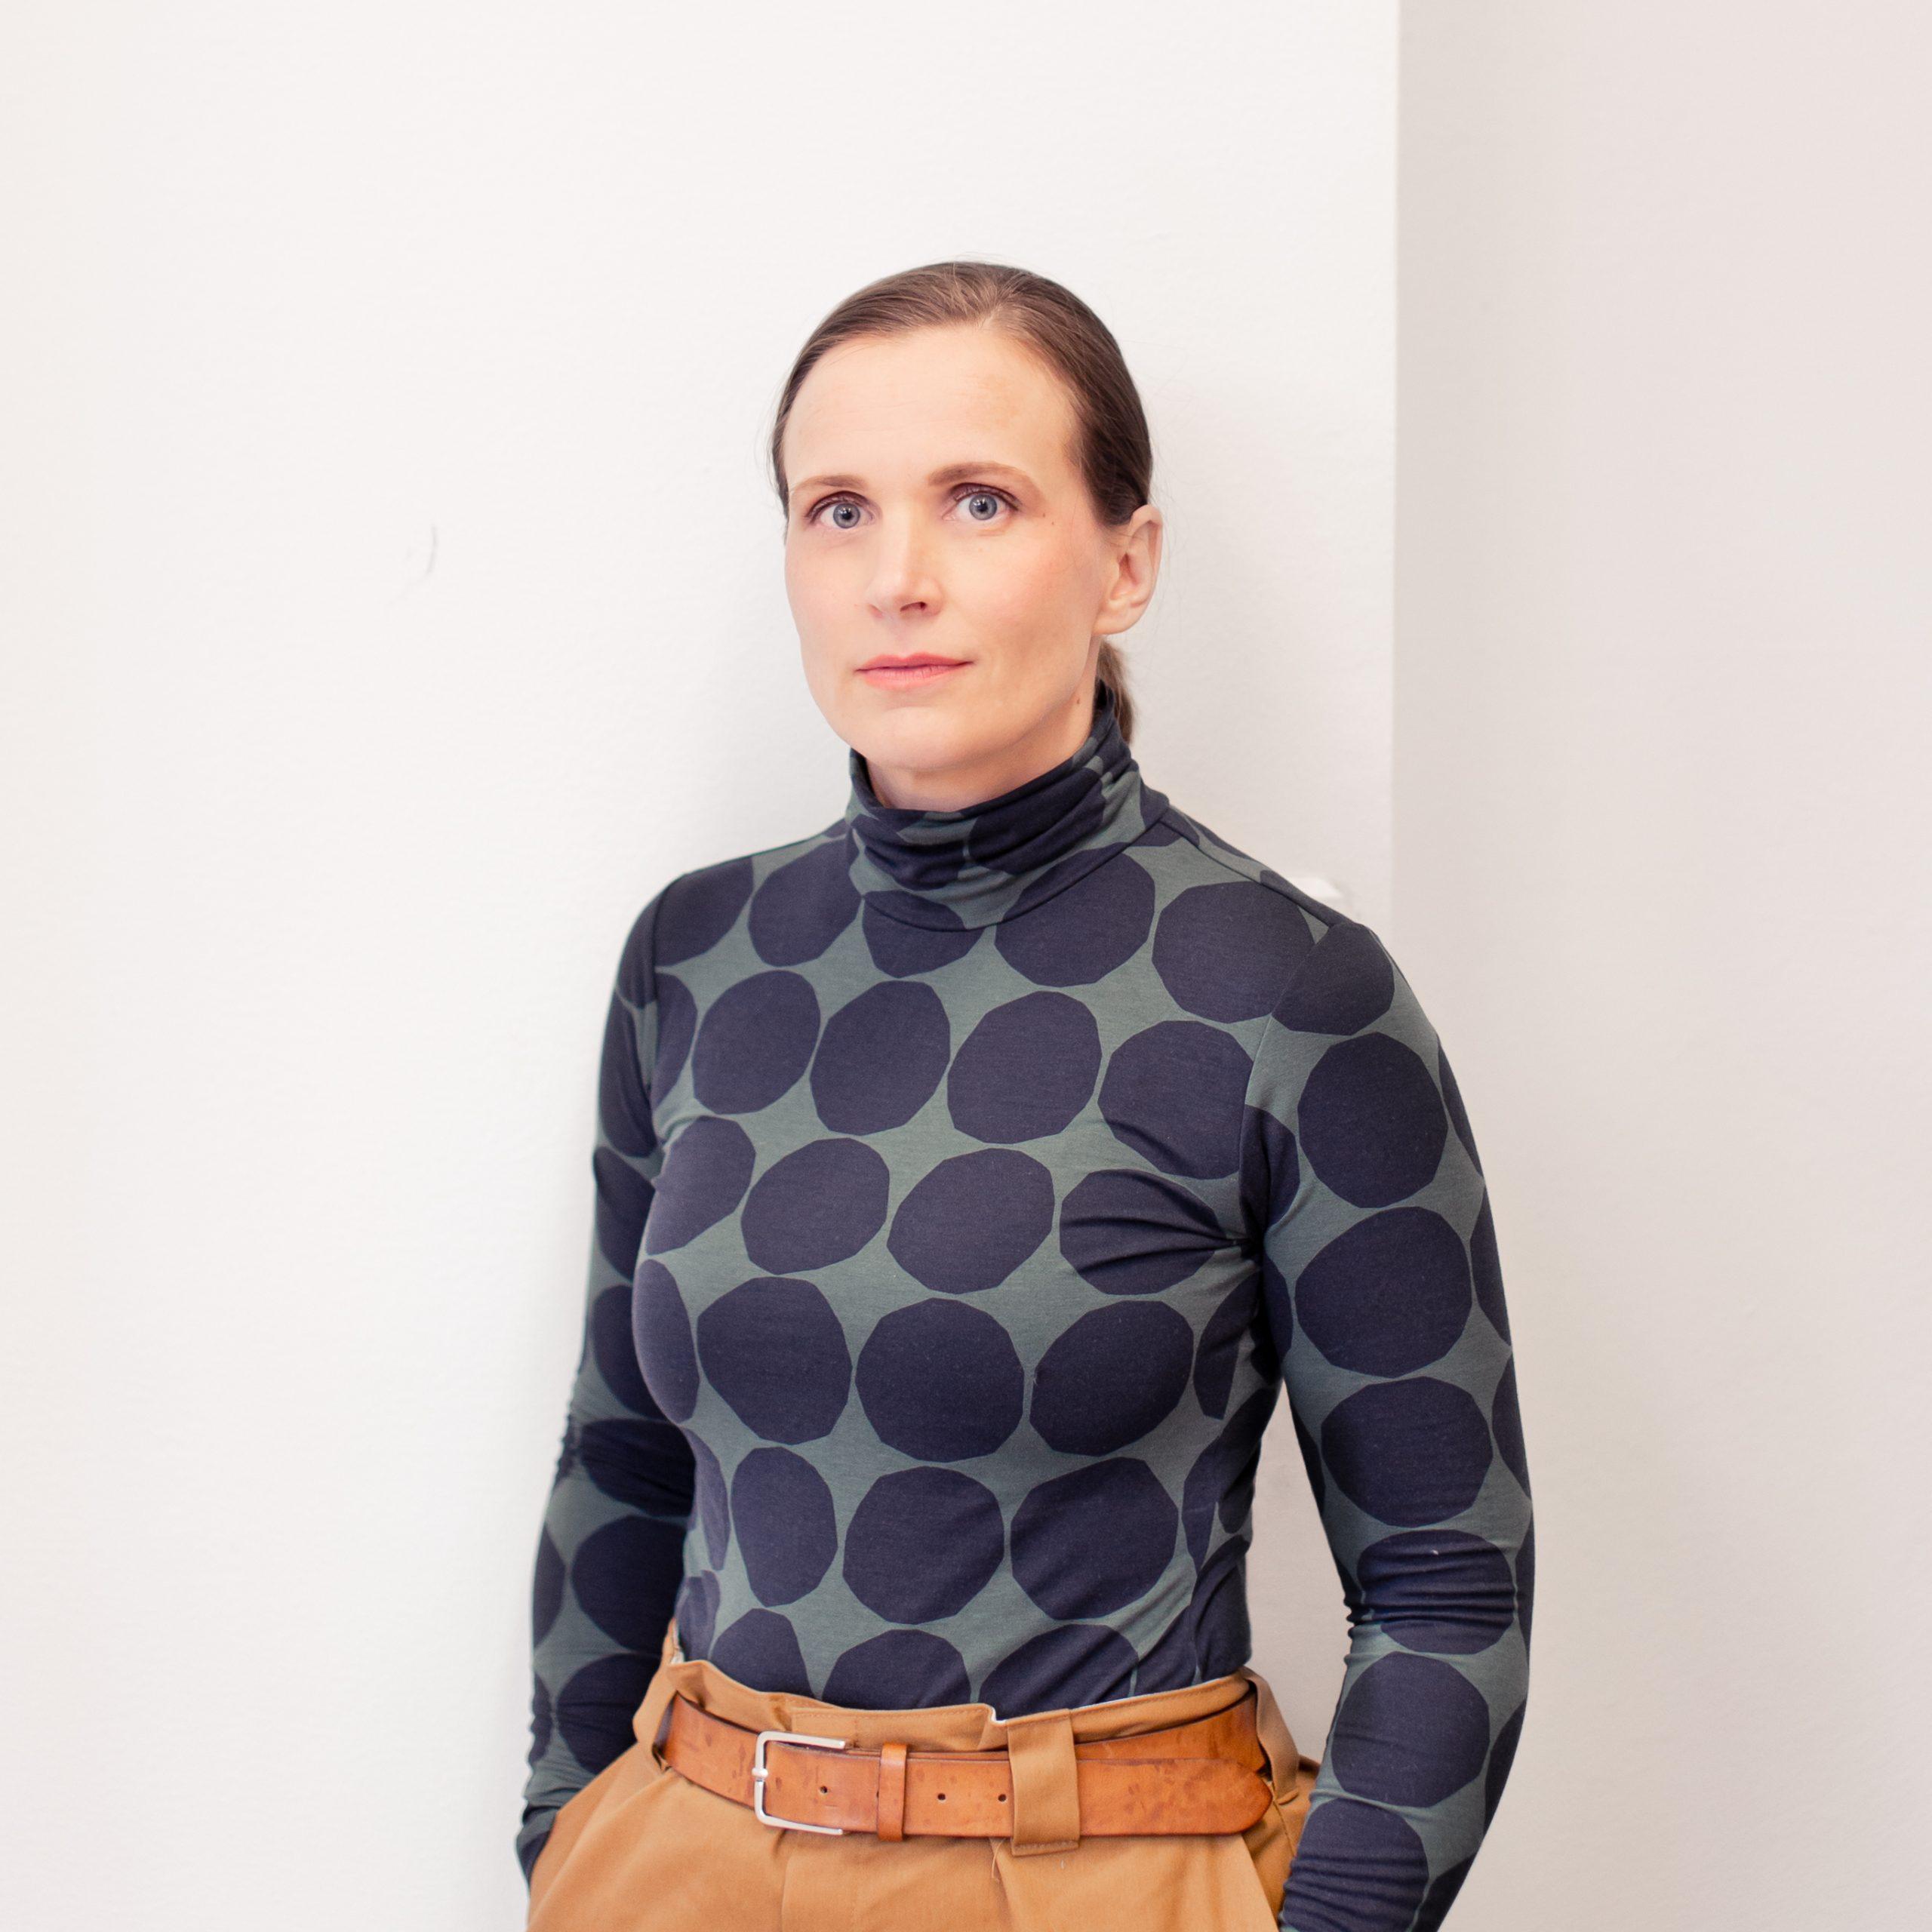 Hanna Rättö